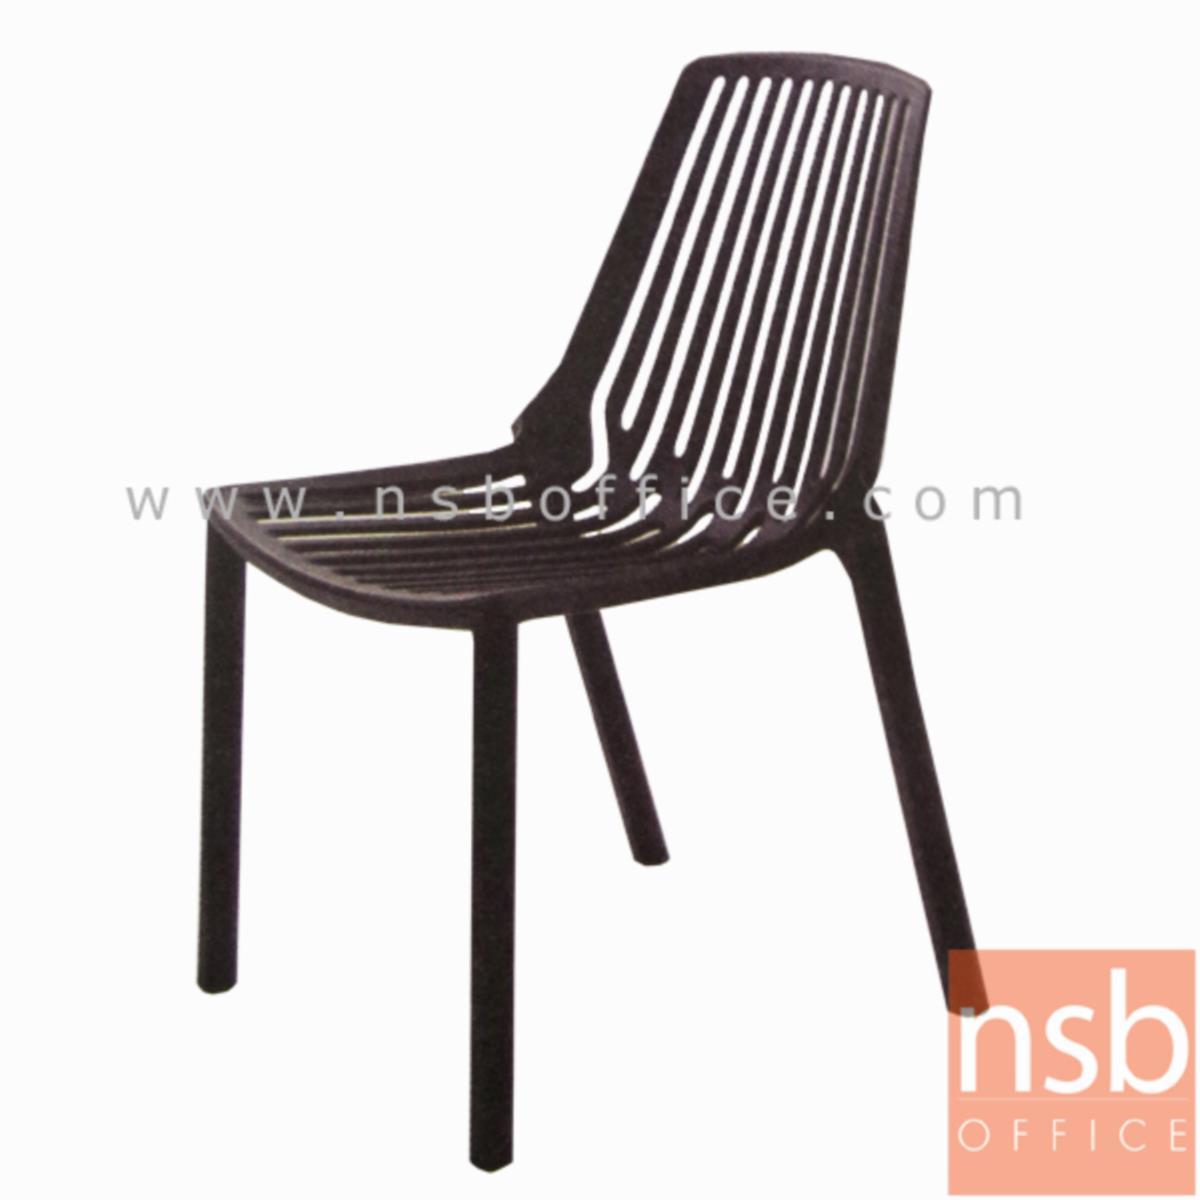 B29A186:เก้าอี้โมดิร์นพลาสติกโพลี่(PP)ล้วนลายระแนง รุ่น Jairay (แจเรย์) ขนาด 55W cm.